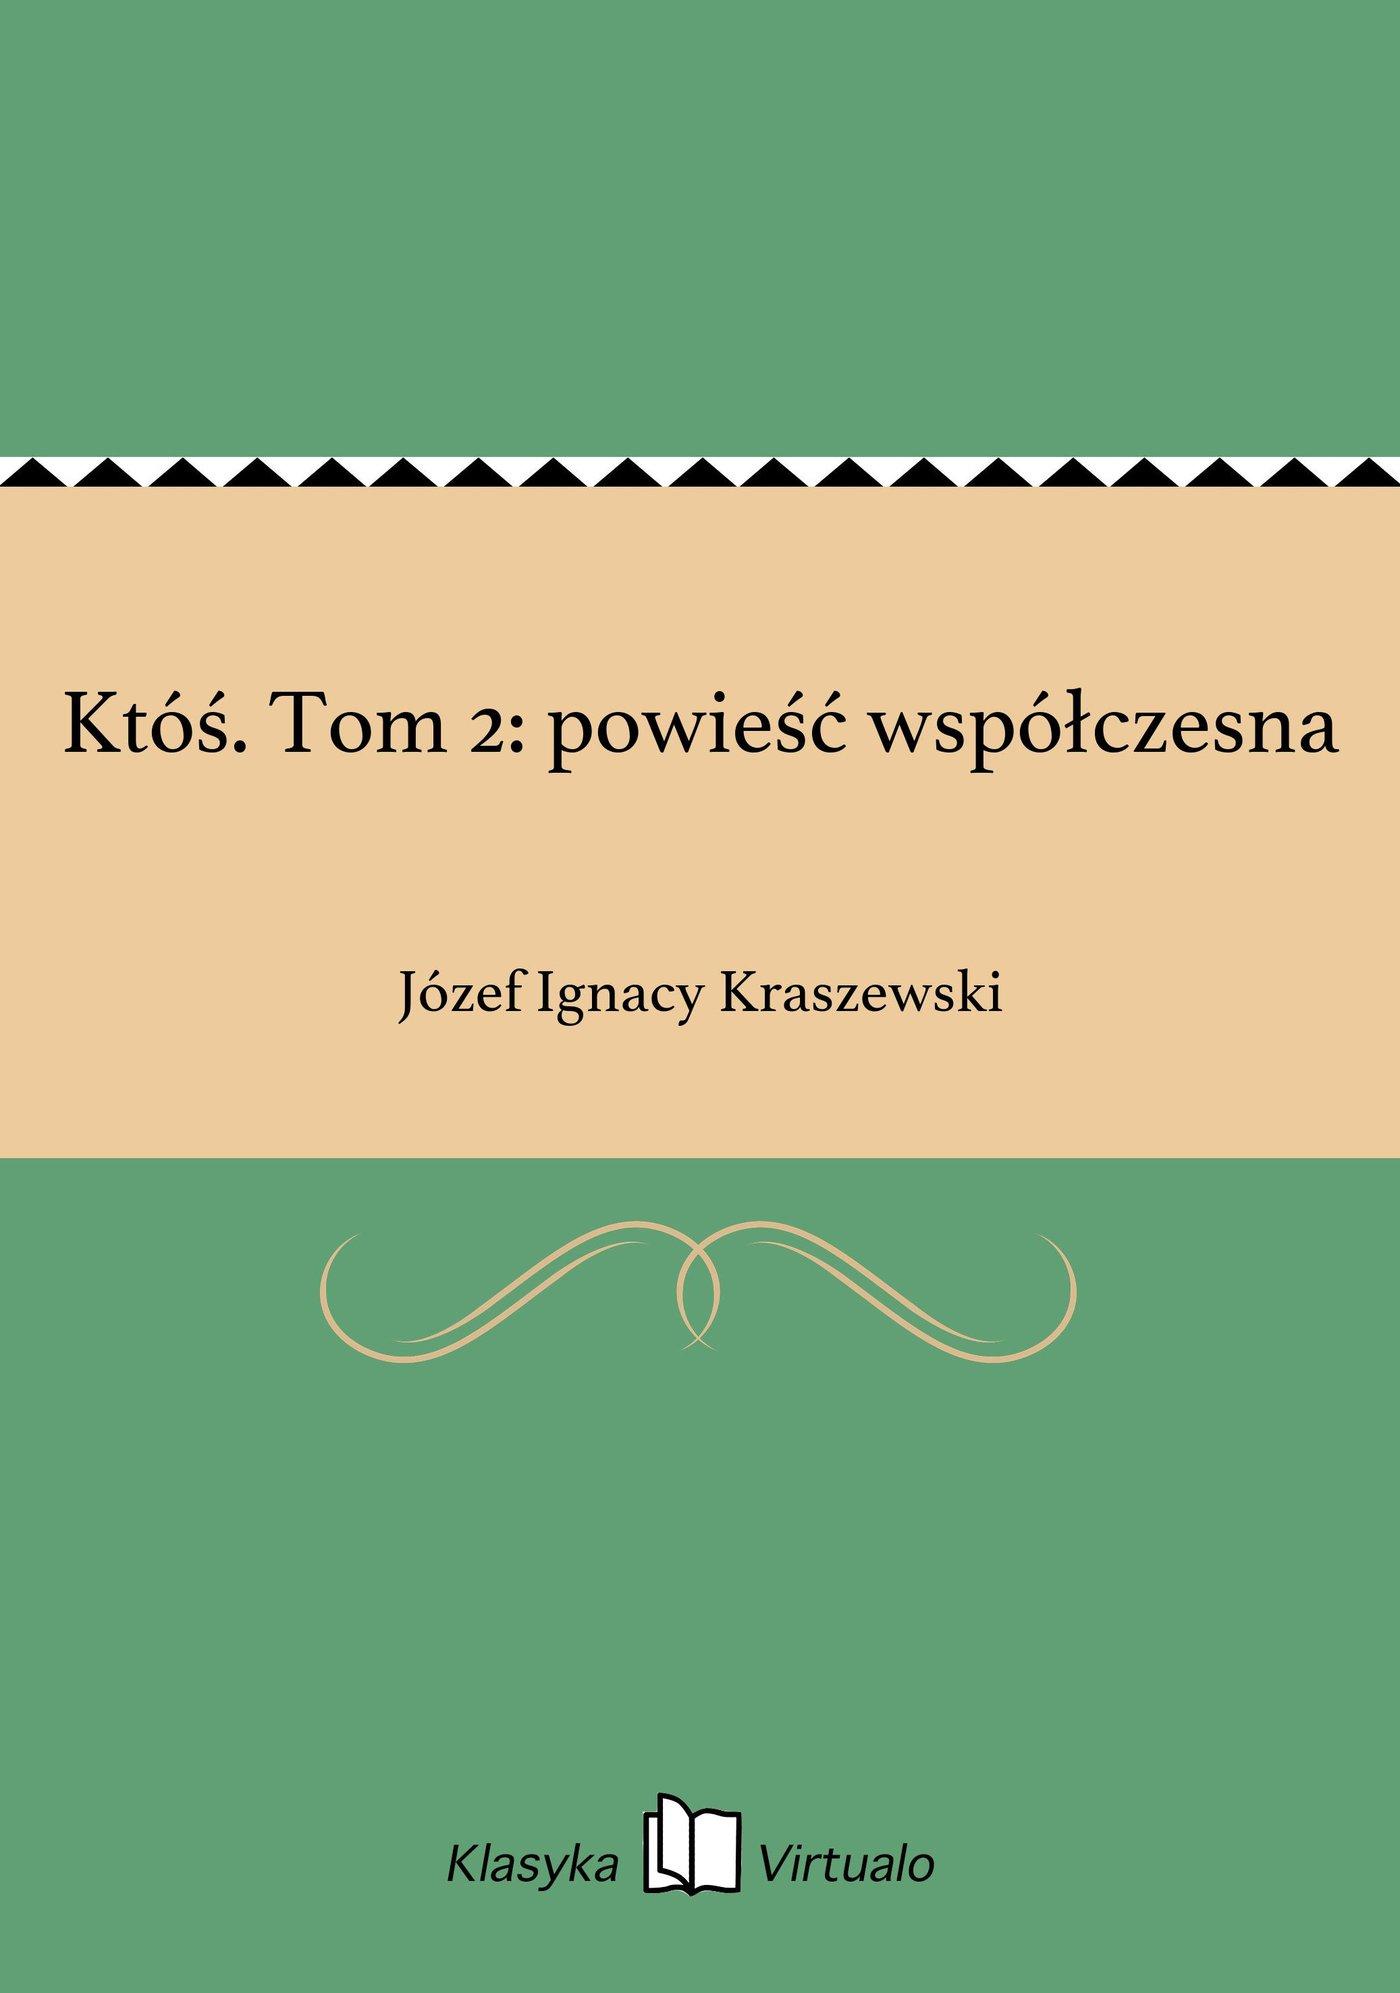 Któś. Tom 2: powieść współczesna - Ebook (Książka EPUB) do pobrania w formacie EPUB